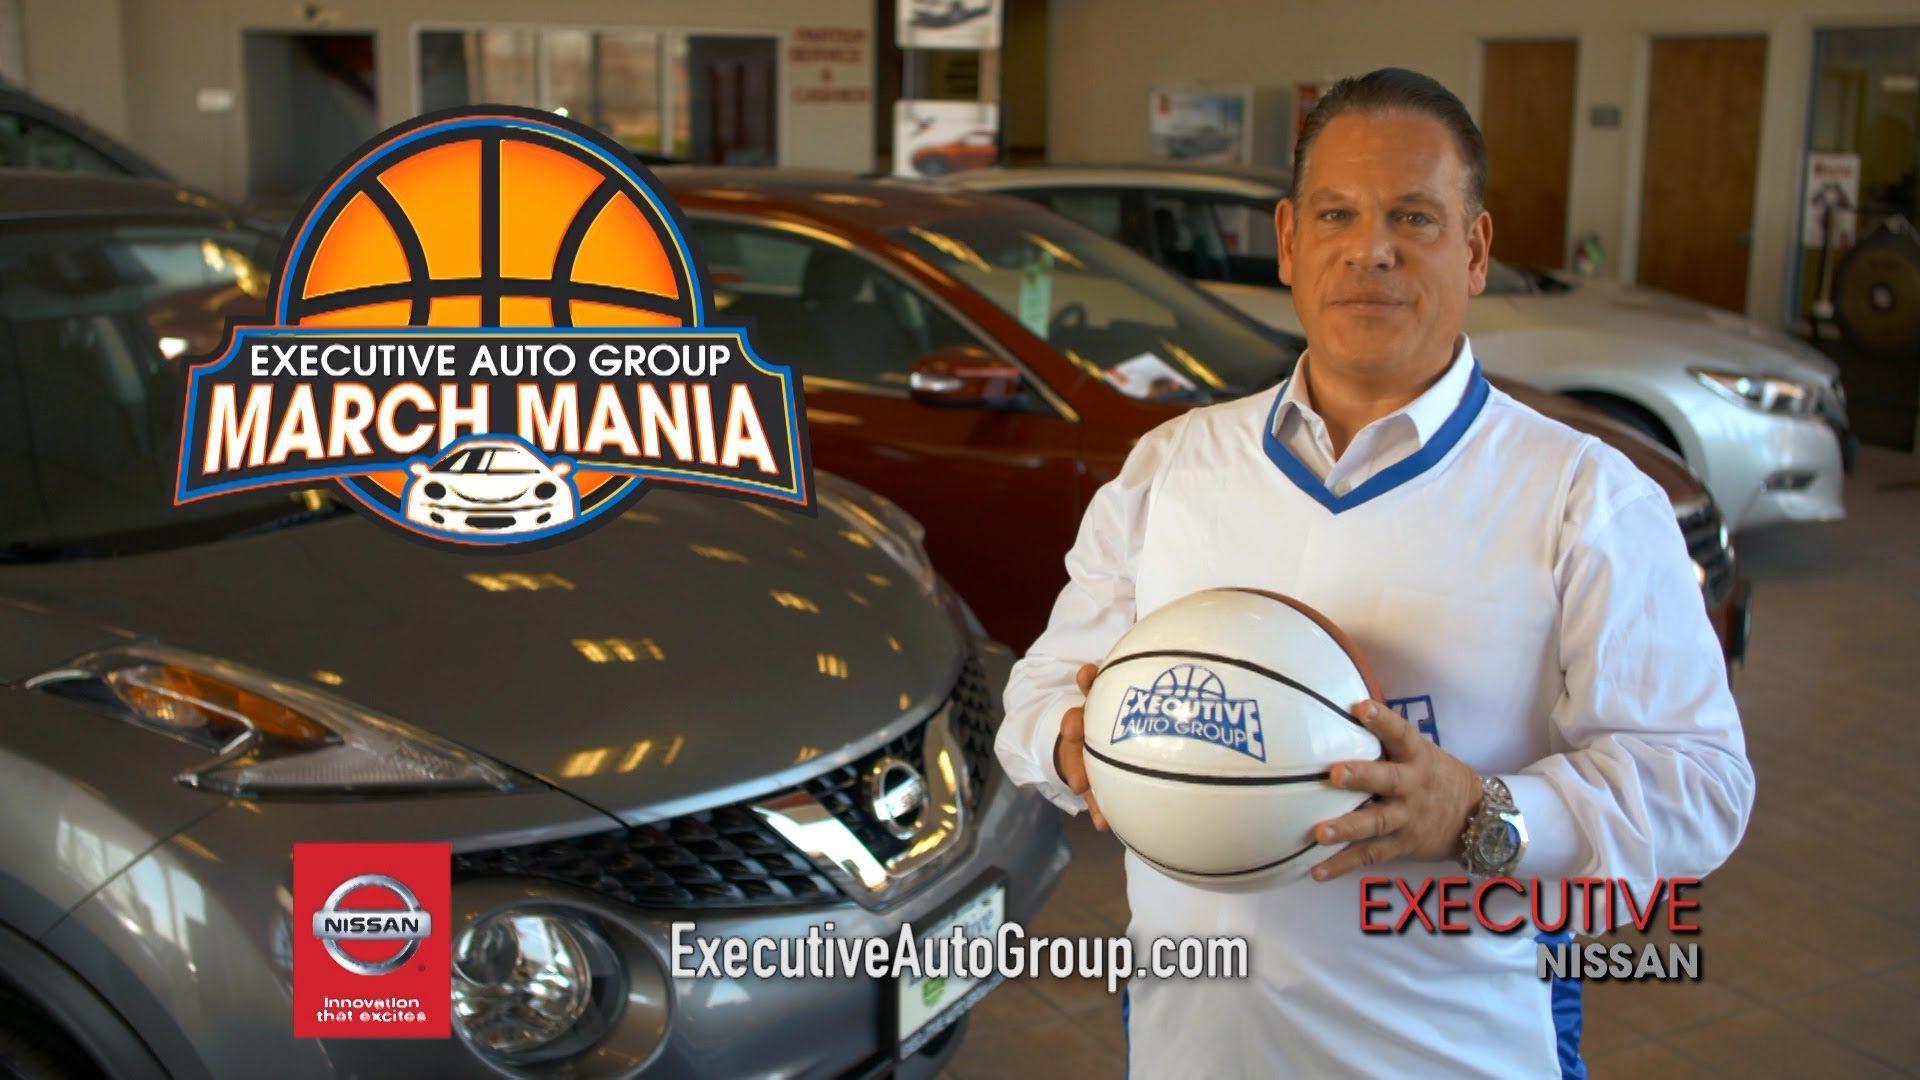 Executive Auto Group; Executive Nissan March Mania   Itu0027s March Mania At Executive  Nissan In